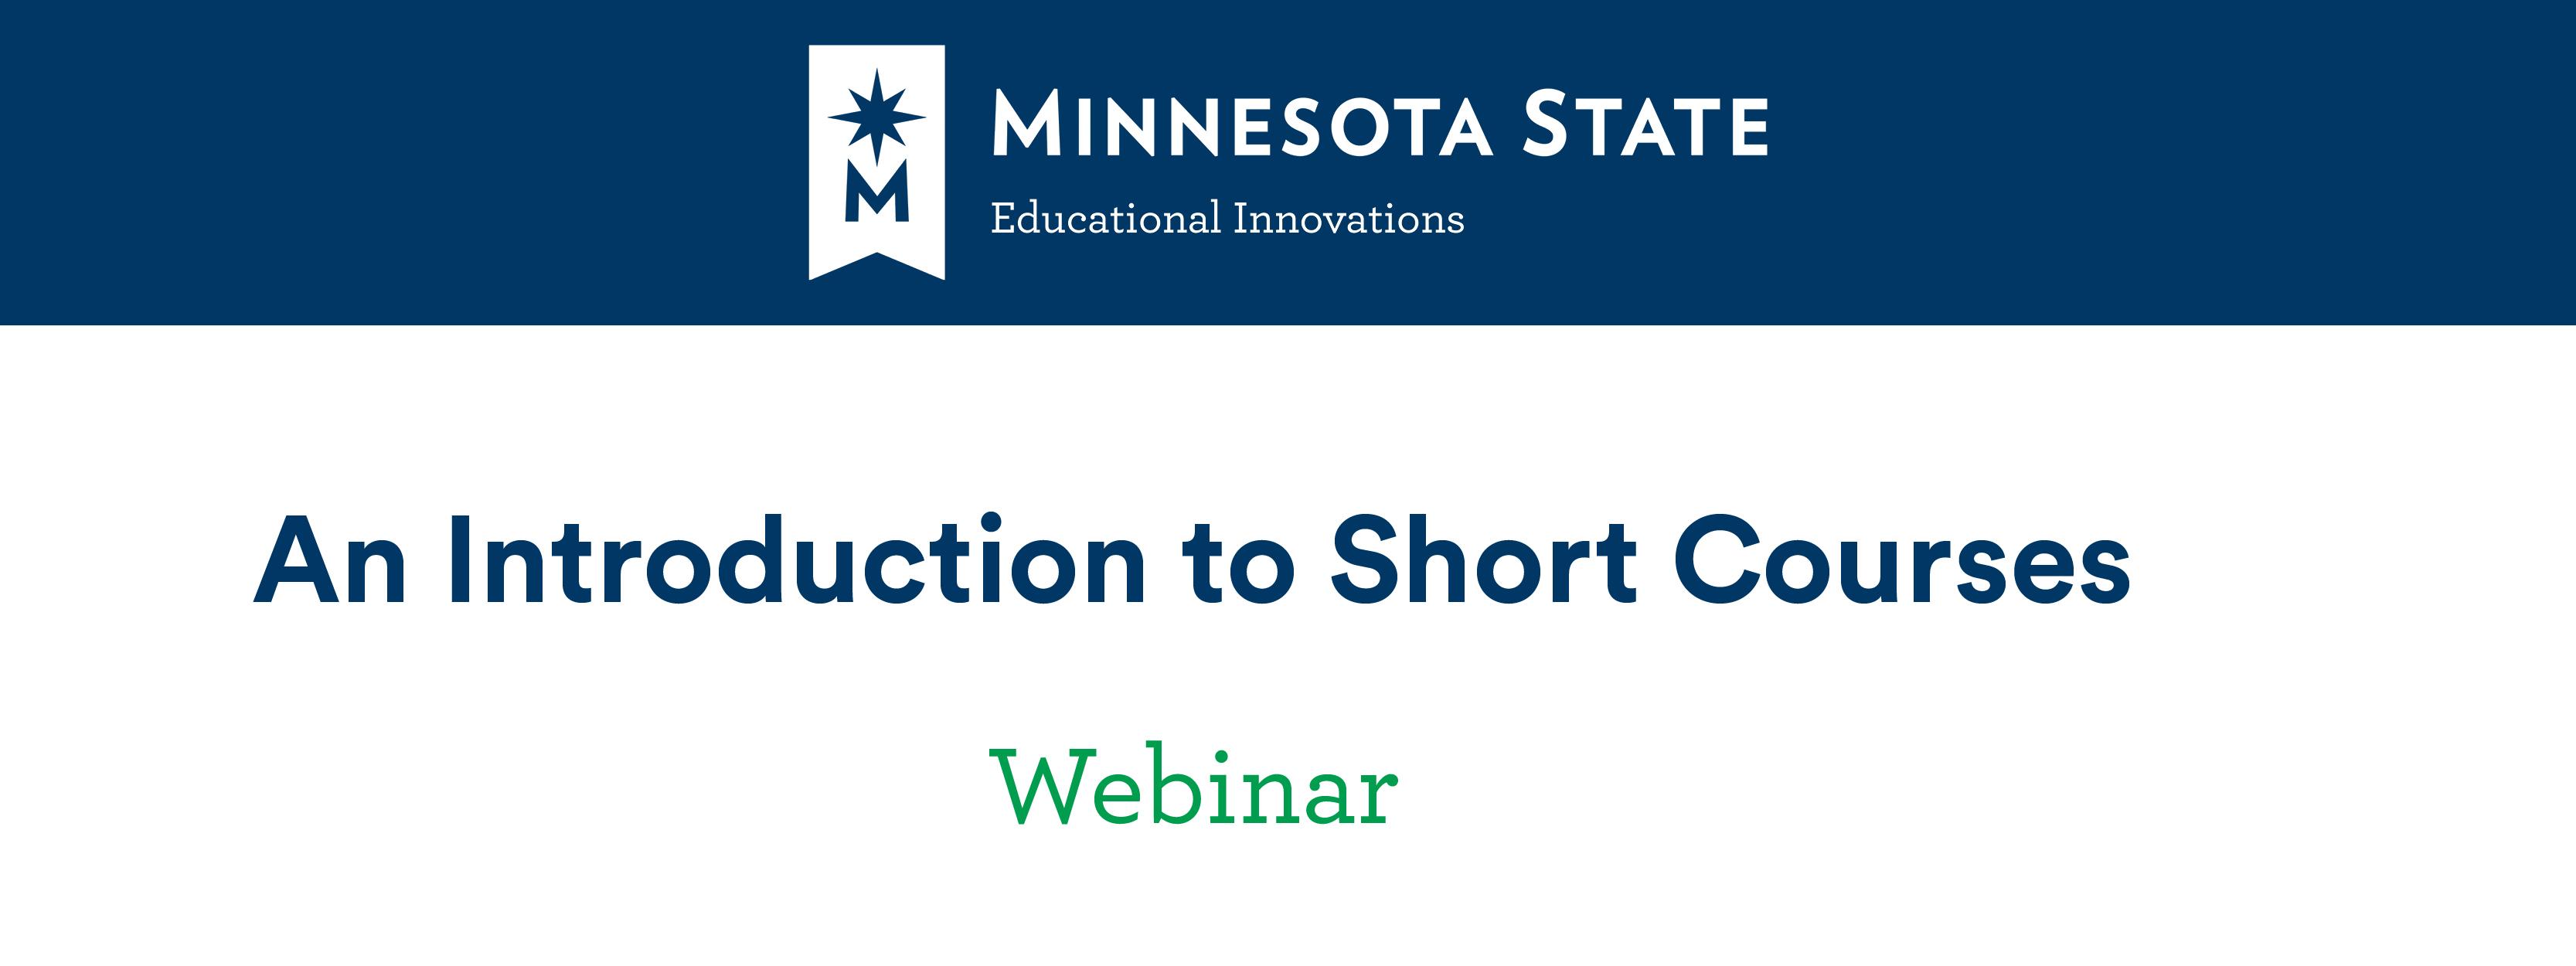 An Intro to Short Courses: A webinar